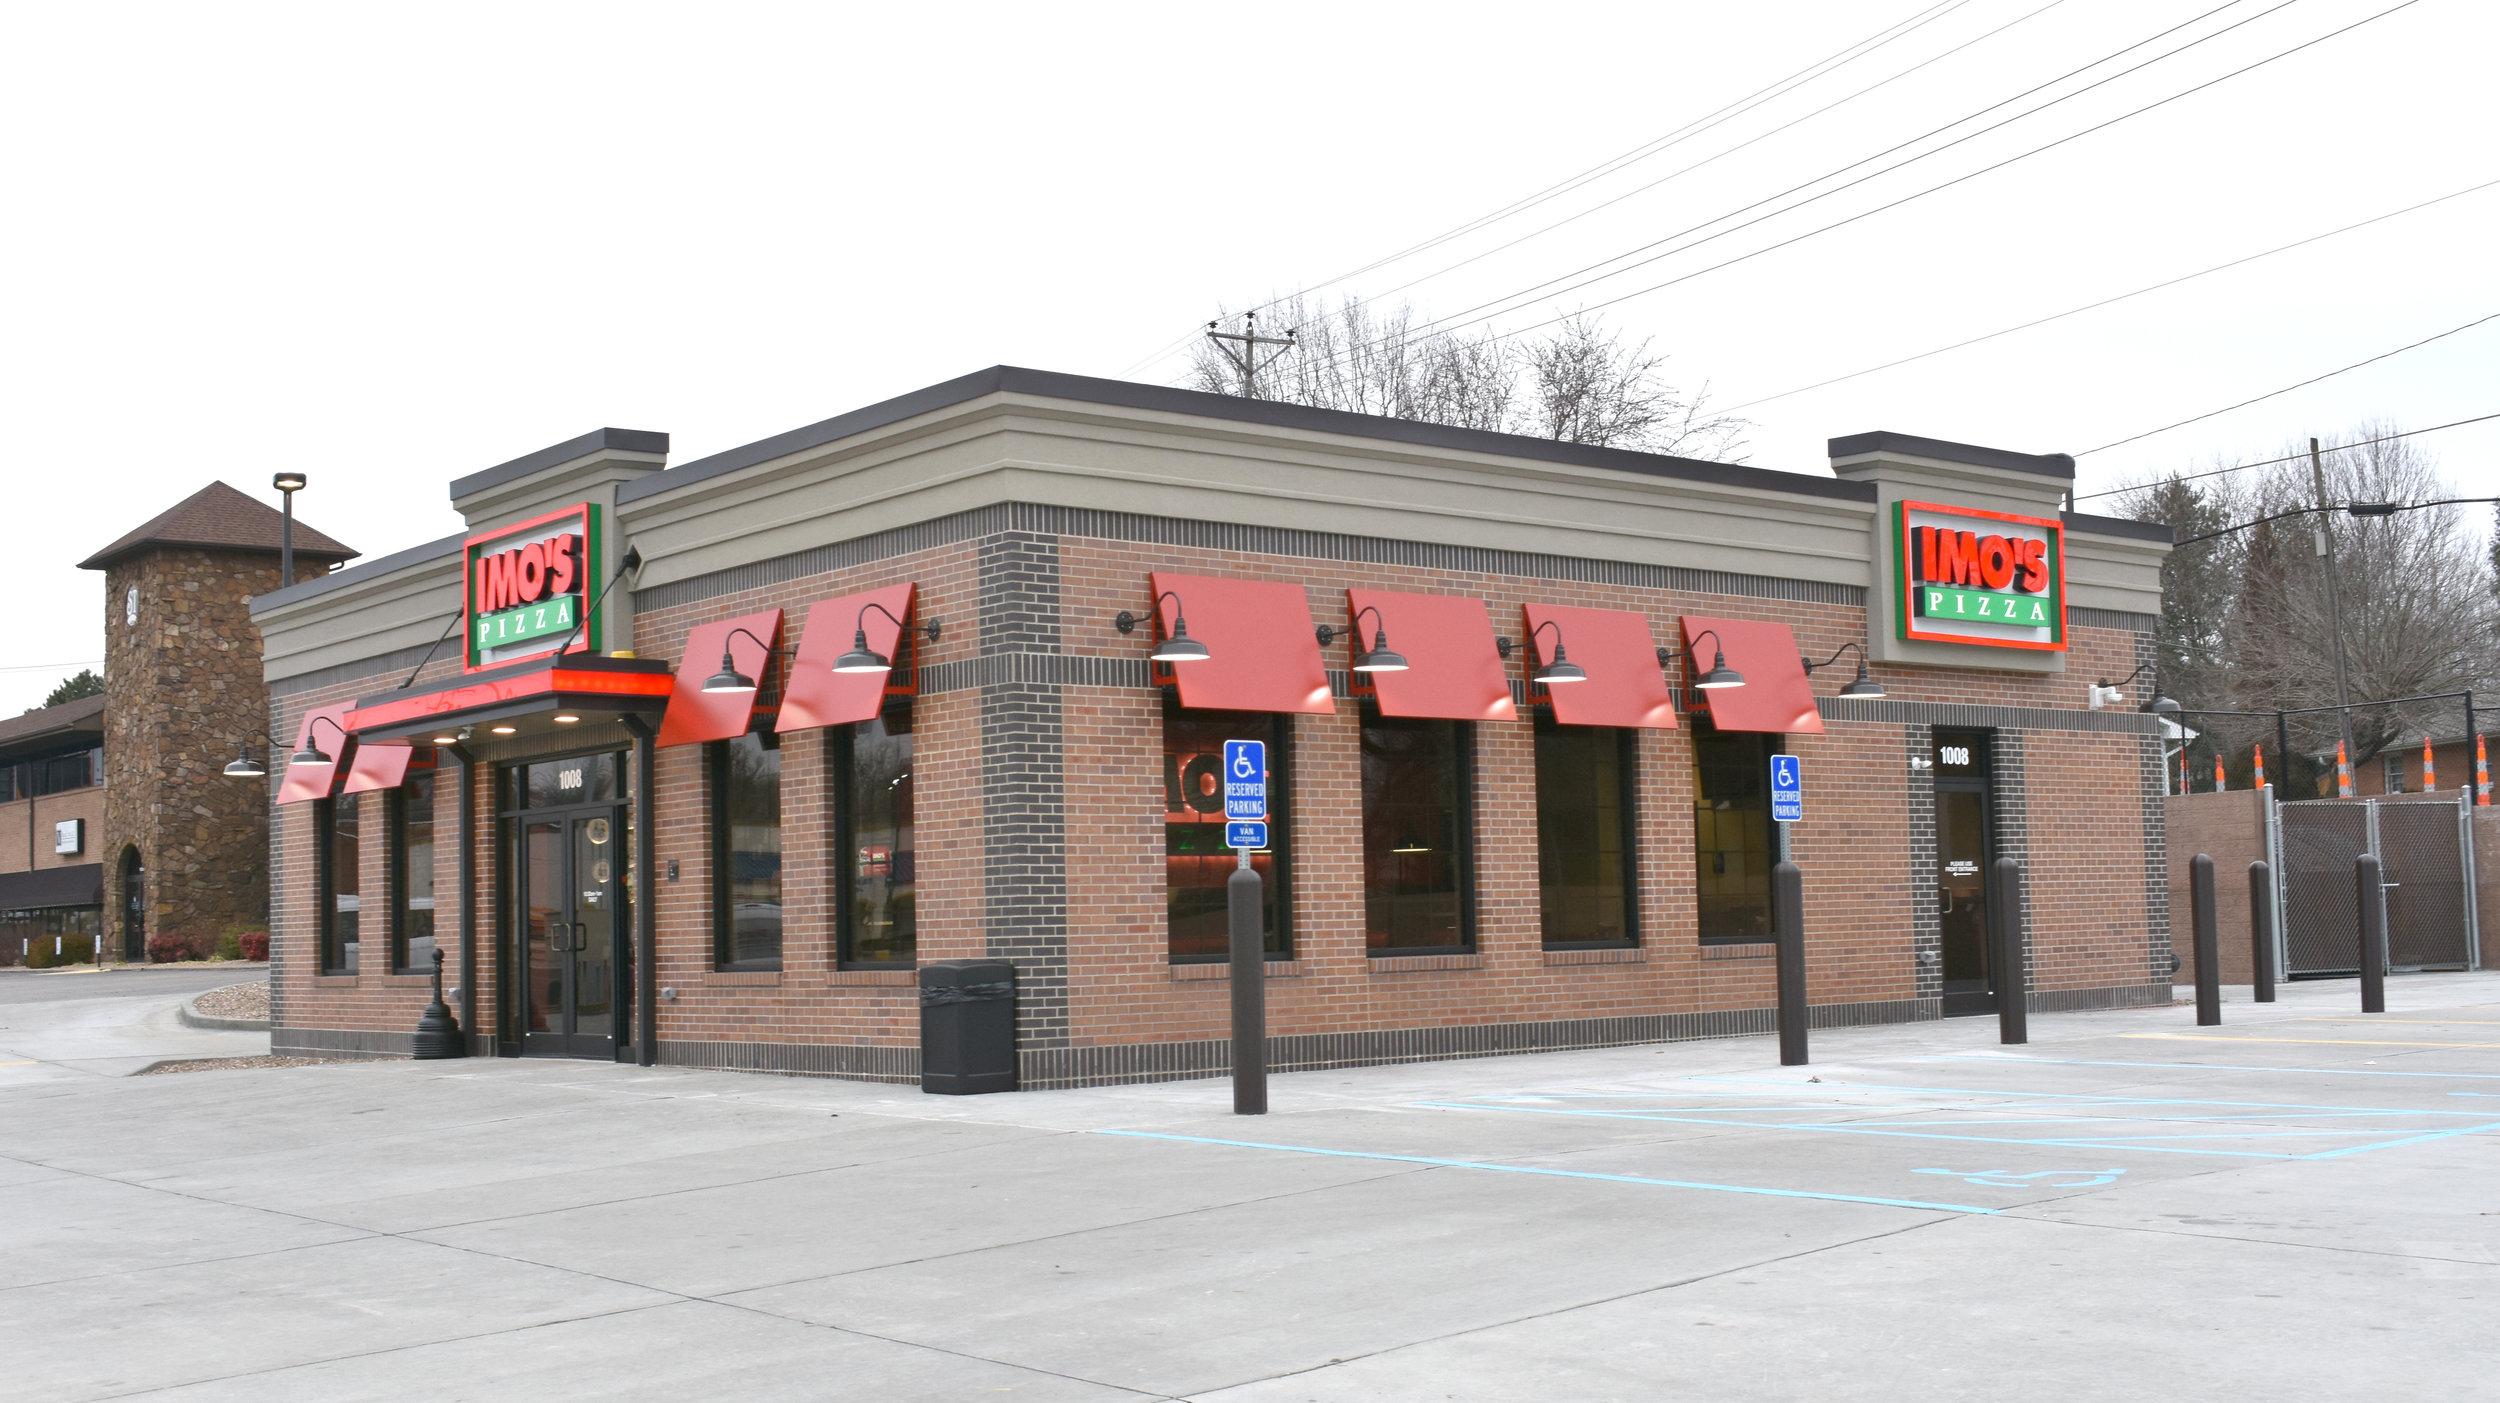 Imo's Pizza - Cape Girardeau, Missouri